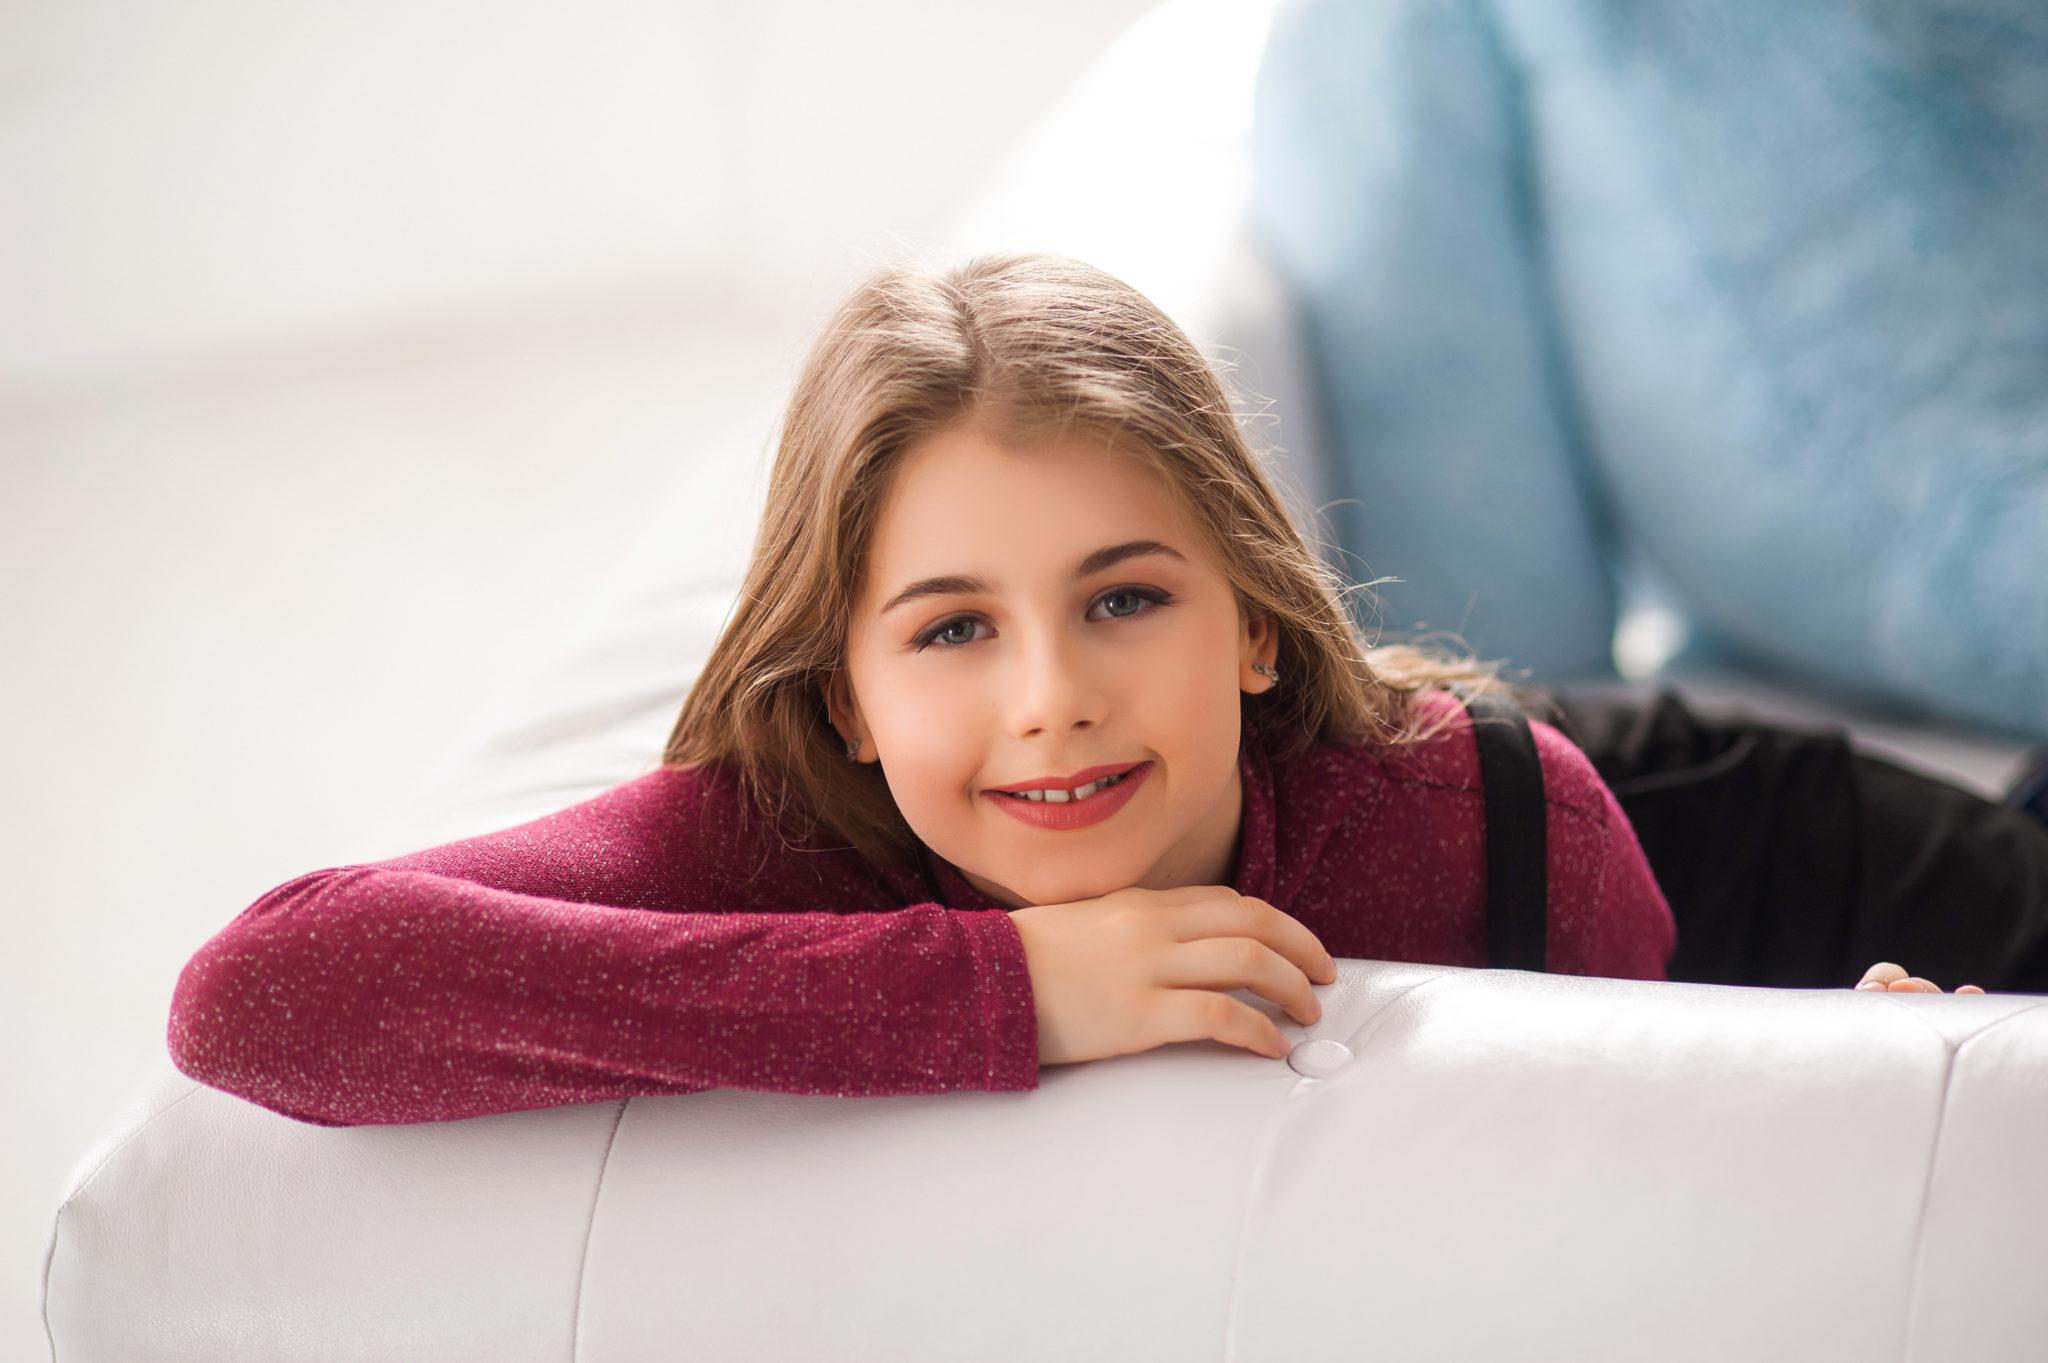 Детская фотосессия, девочка улыбается в камеру сидя на белом диване